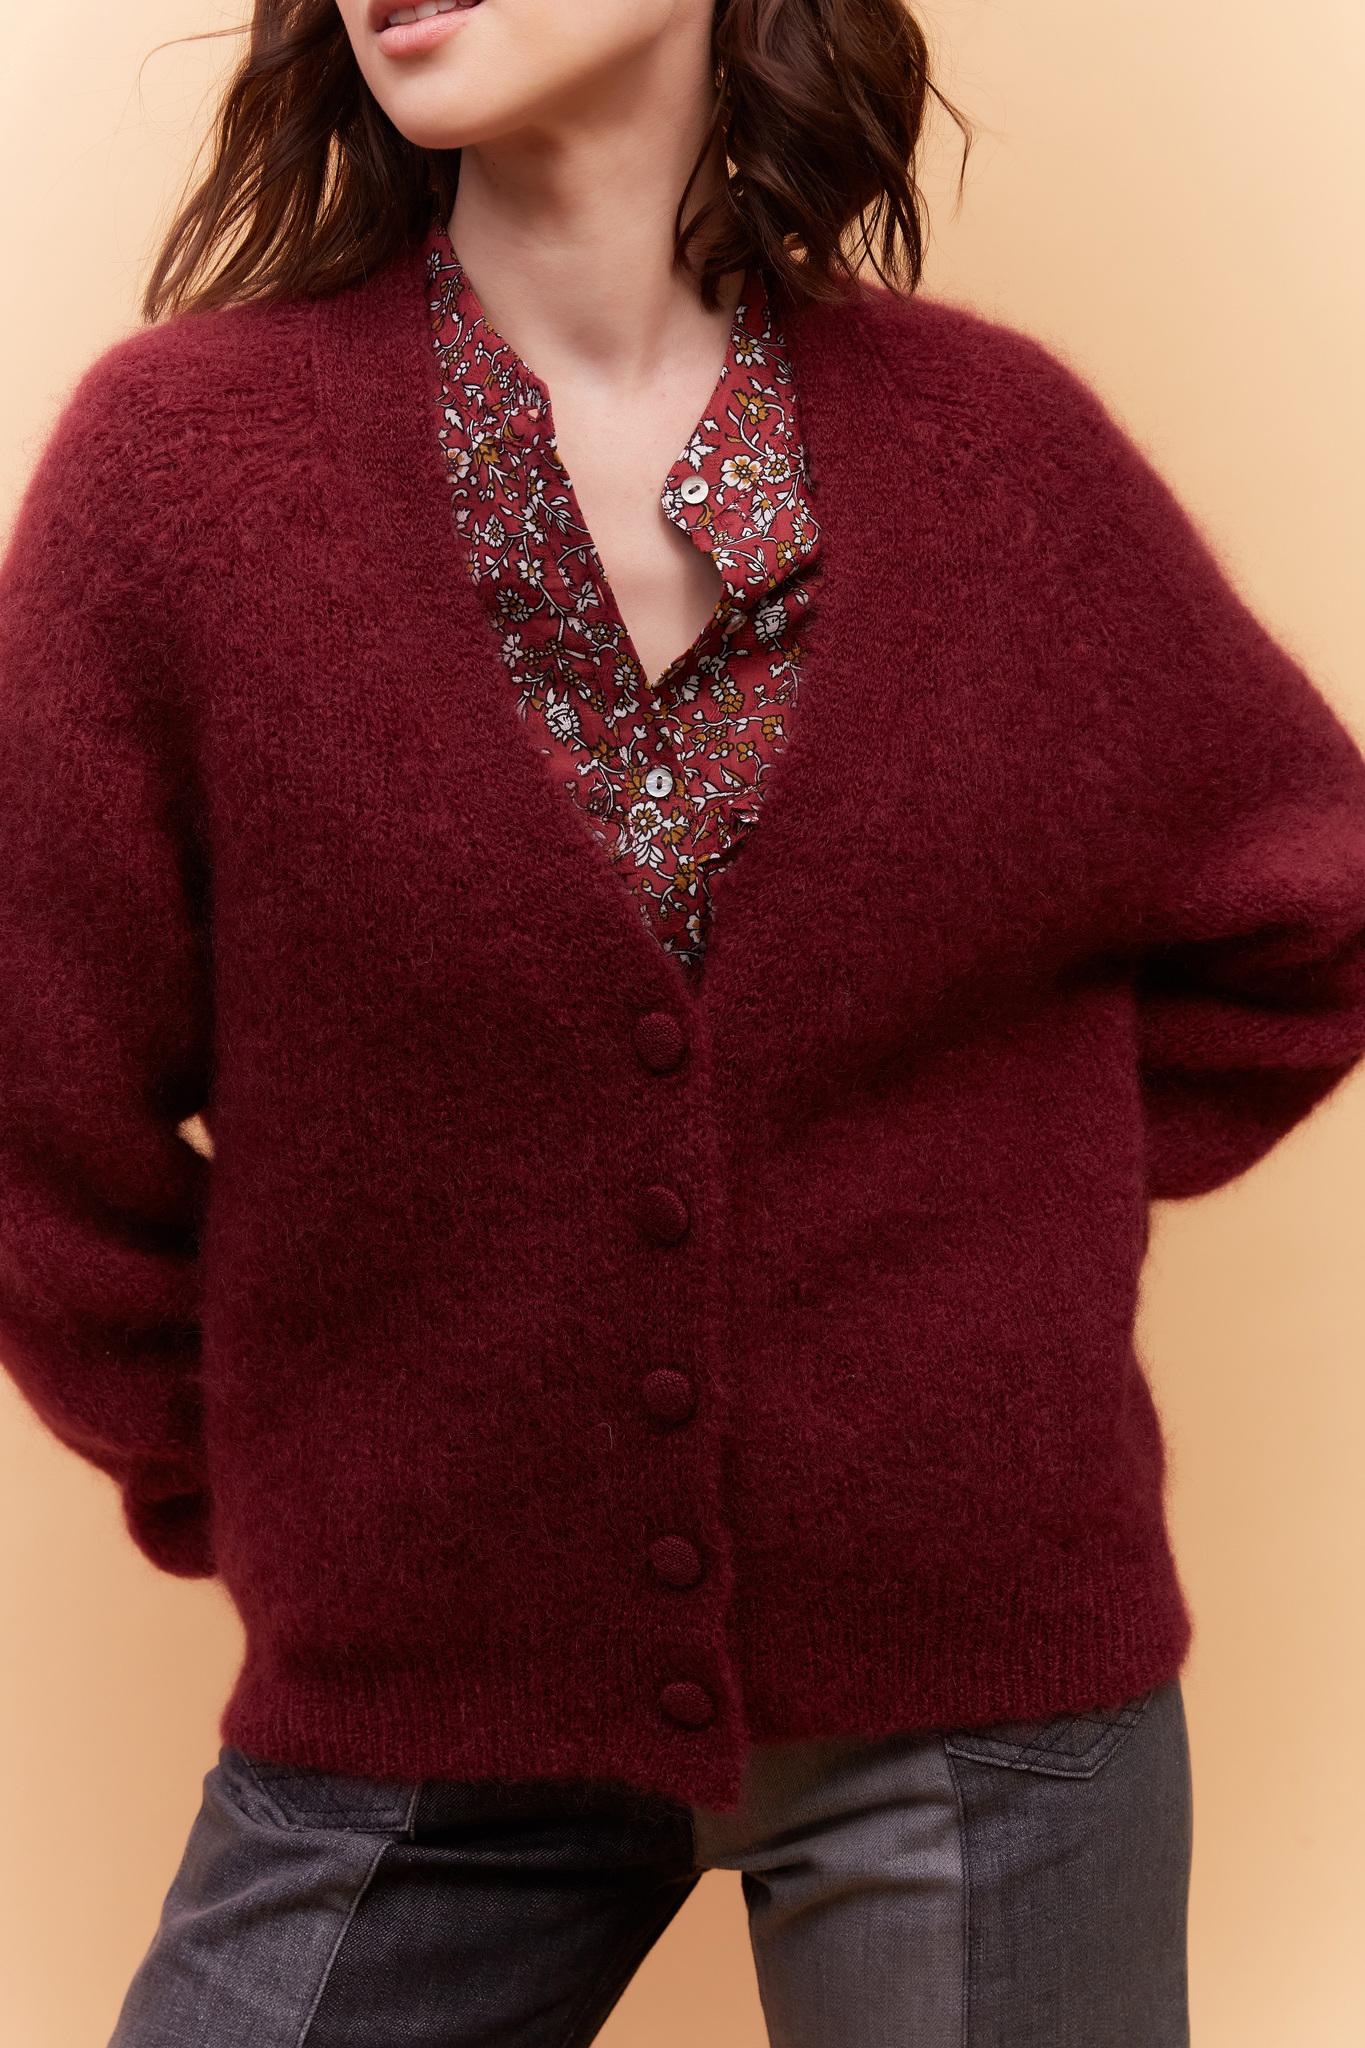 LAELIA - Мохеровый кардиган с V-образным вырезом